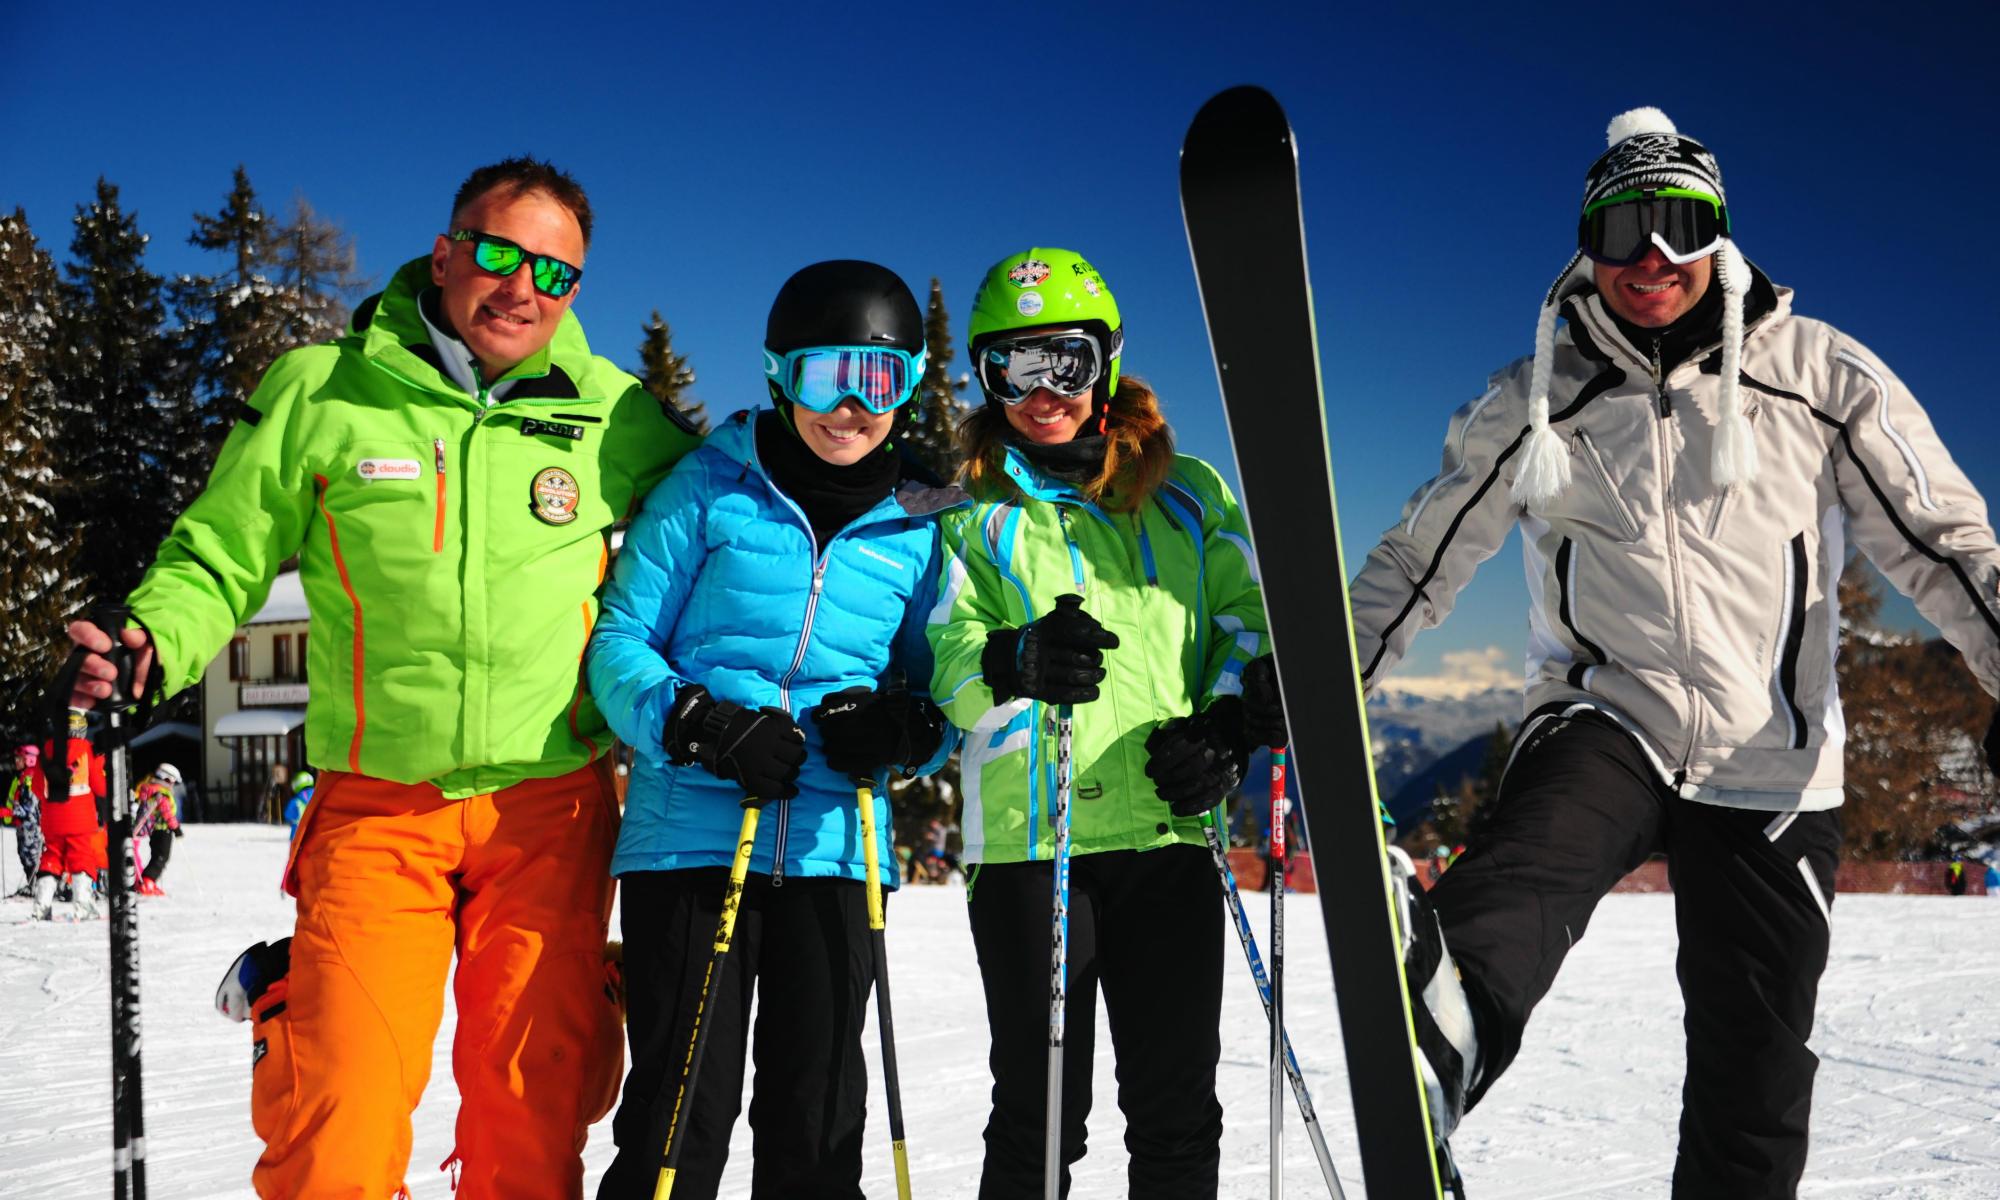 Maestro di sci e allievi sorridono sulle piste di Folgarida.